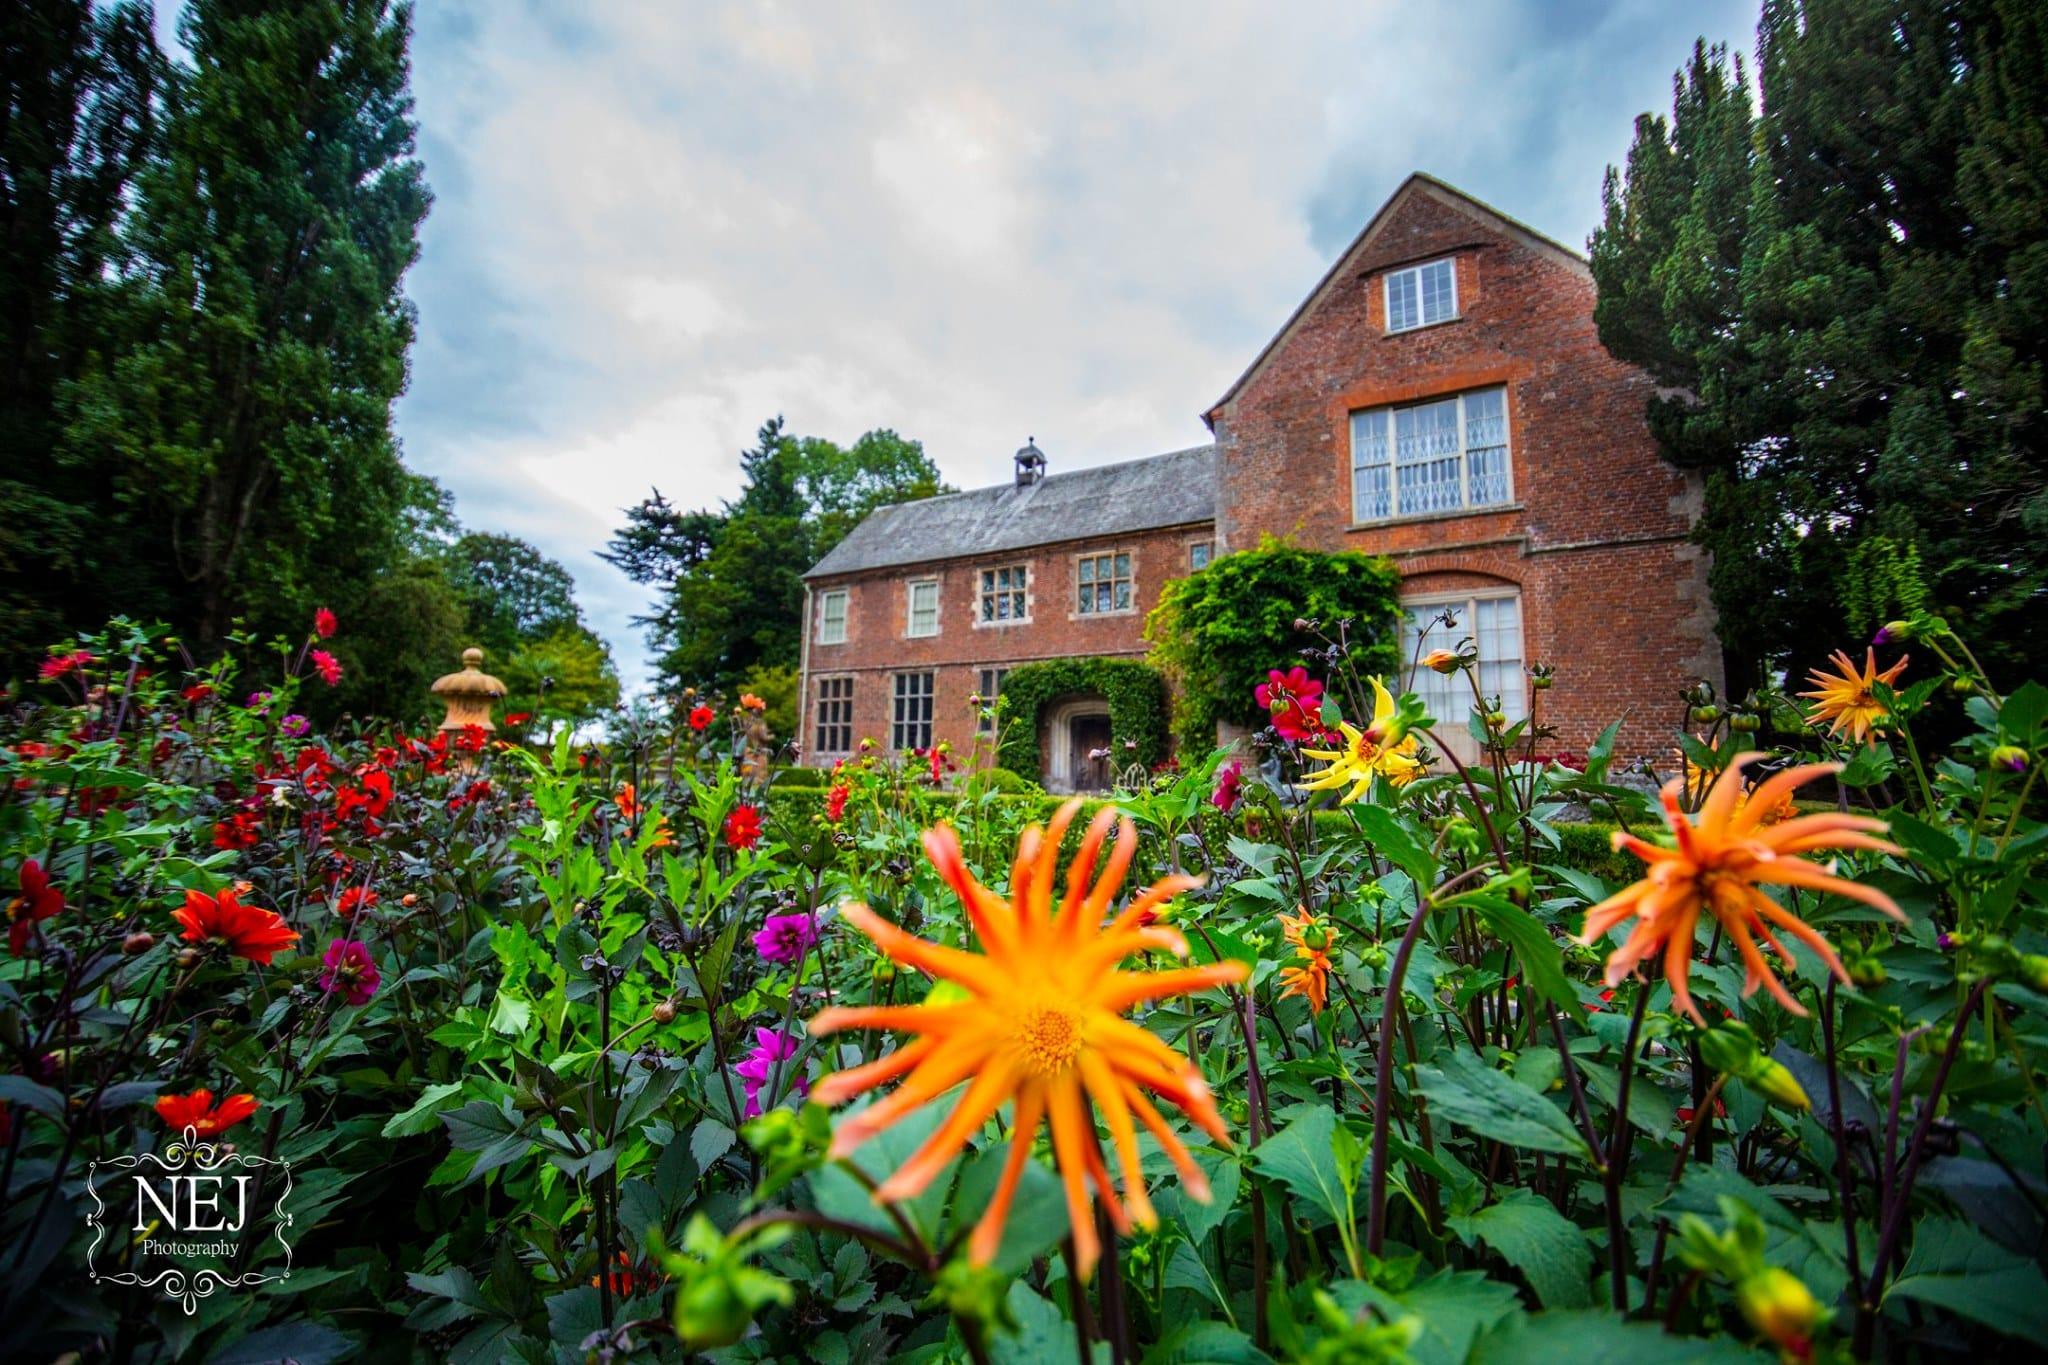 Hellens Manor Gardens